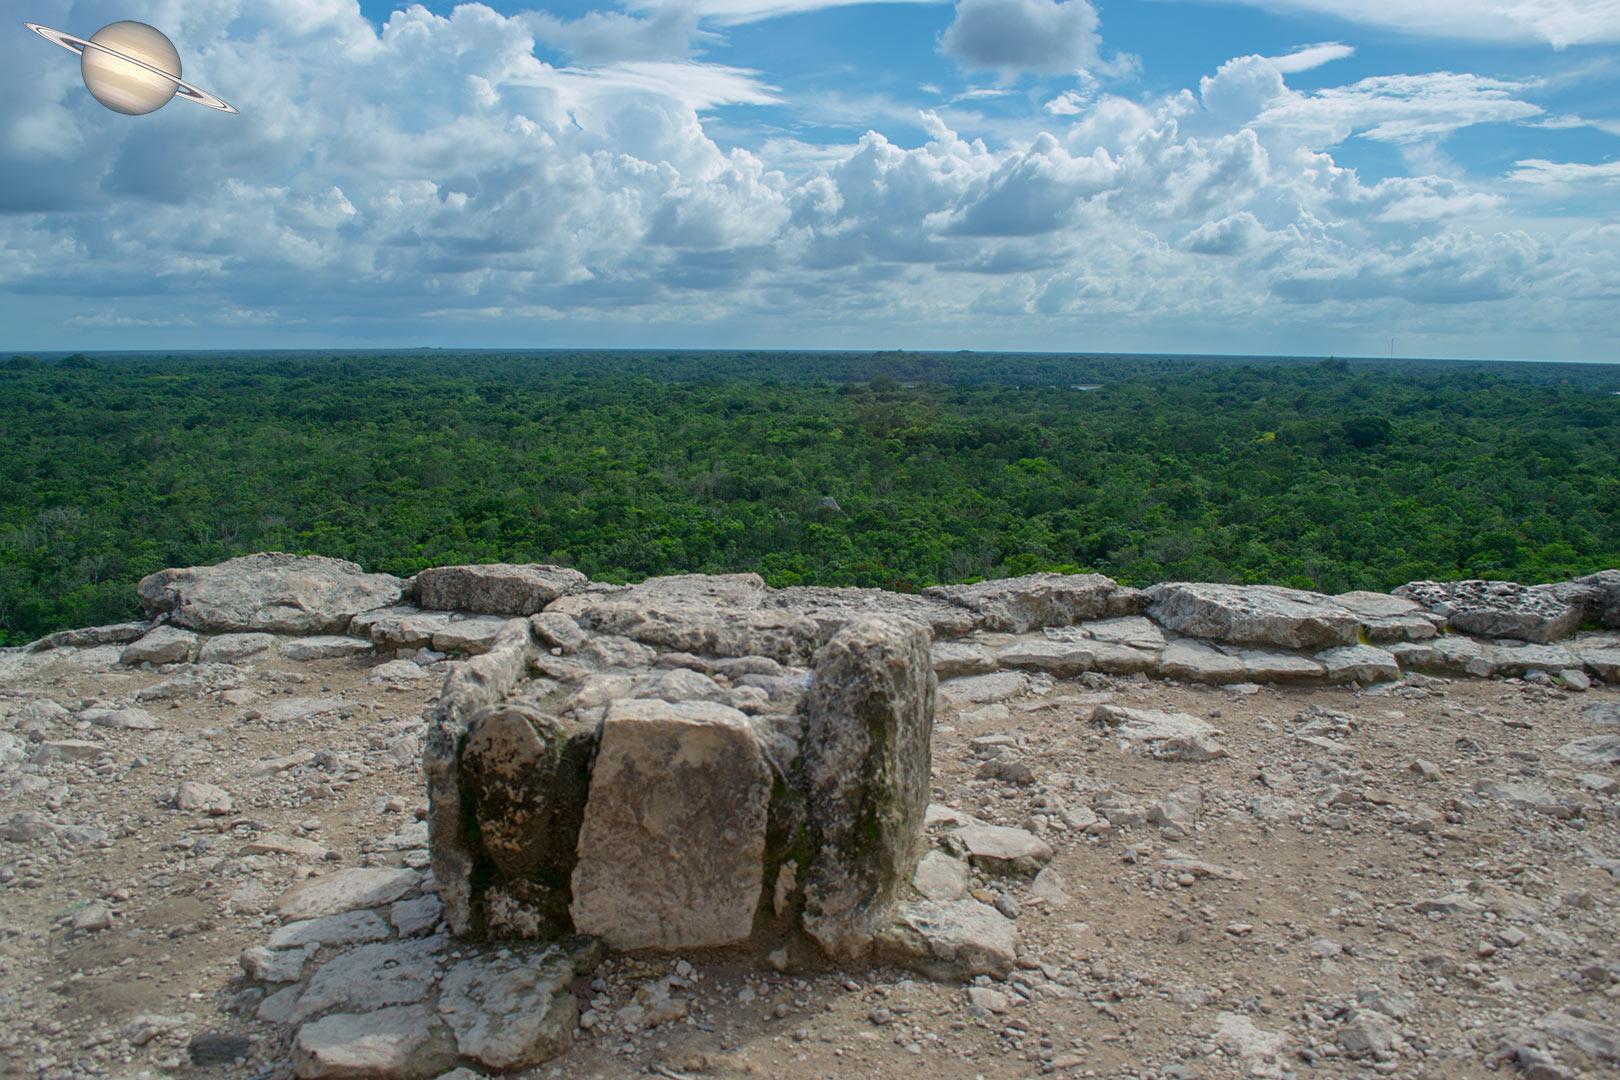 coba yucatan mexico 2 - Suba uma Pirâmide em Coba, Antiga Cidade Maia, México